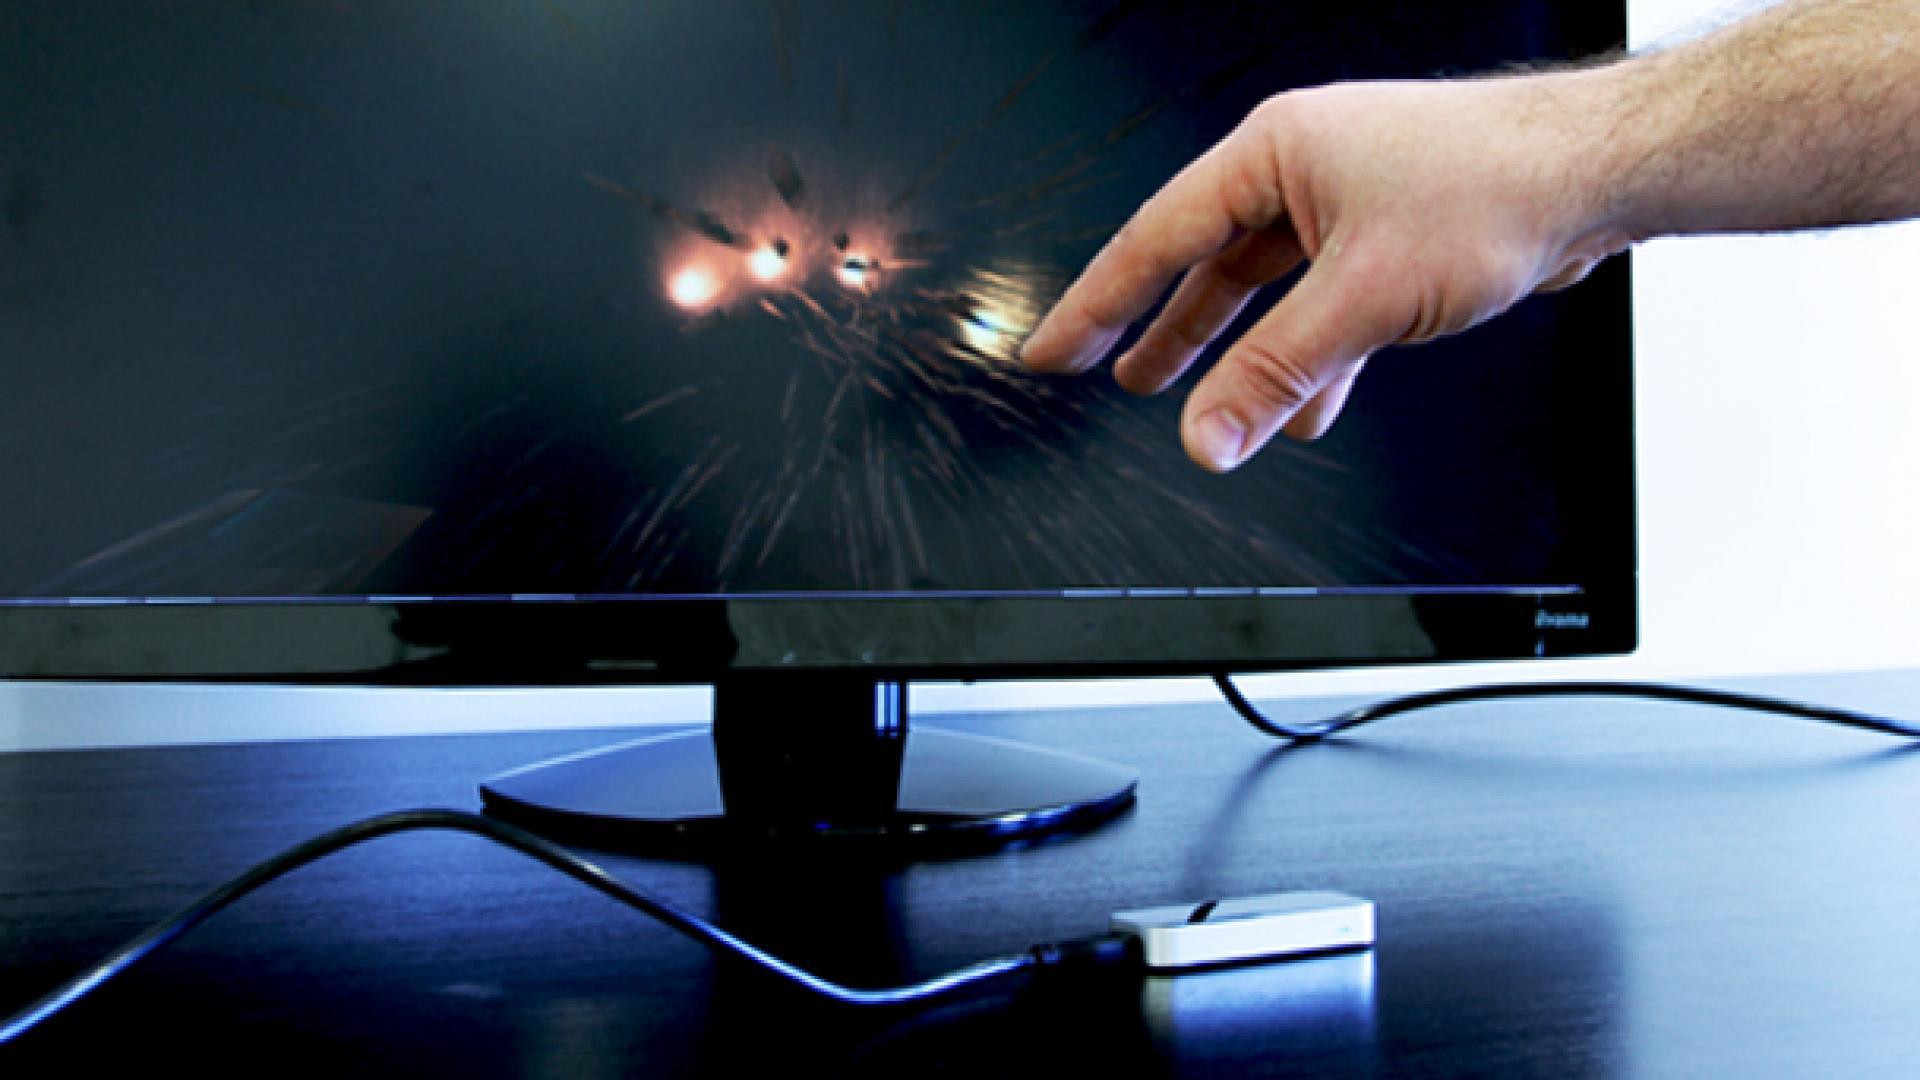 Leap motion et interfaces gestuelles 2013